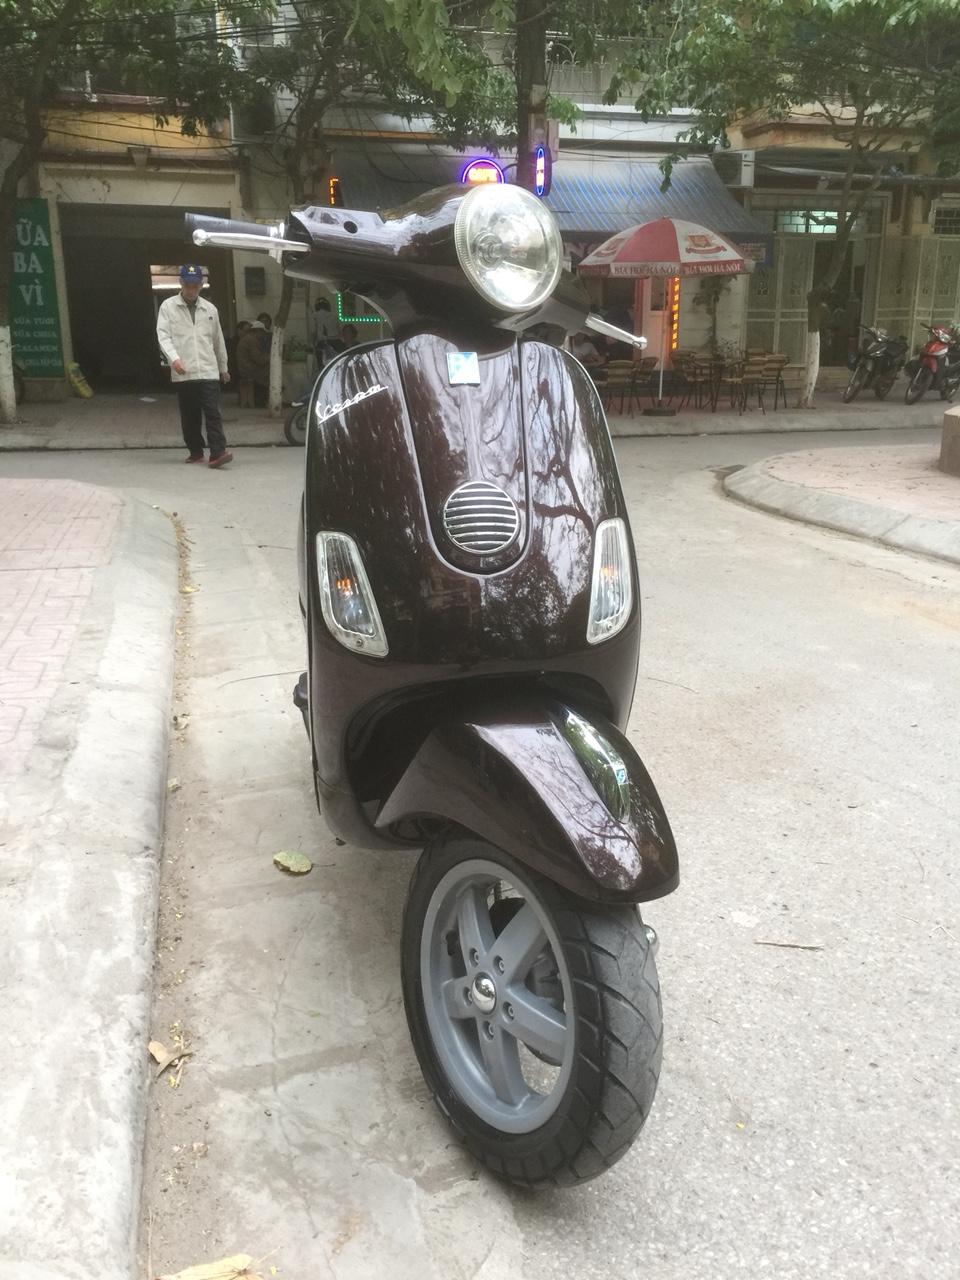 Ban Vespa Lx 125ie 2012 Nau tim chinh chu dung nguyen ban 27tr - 4